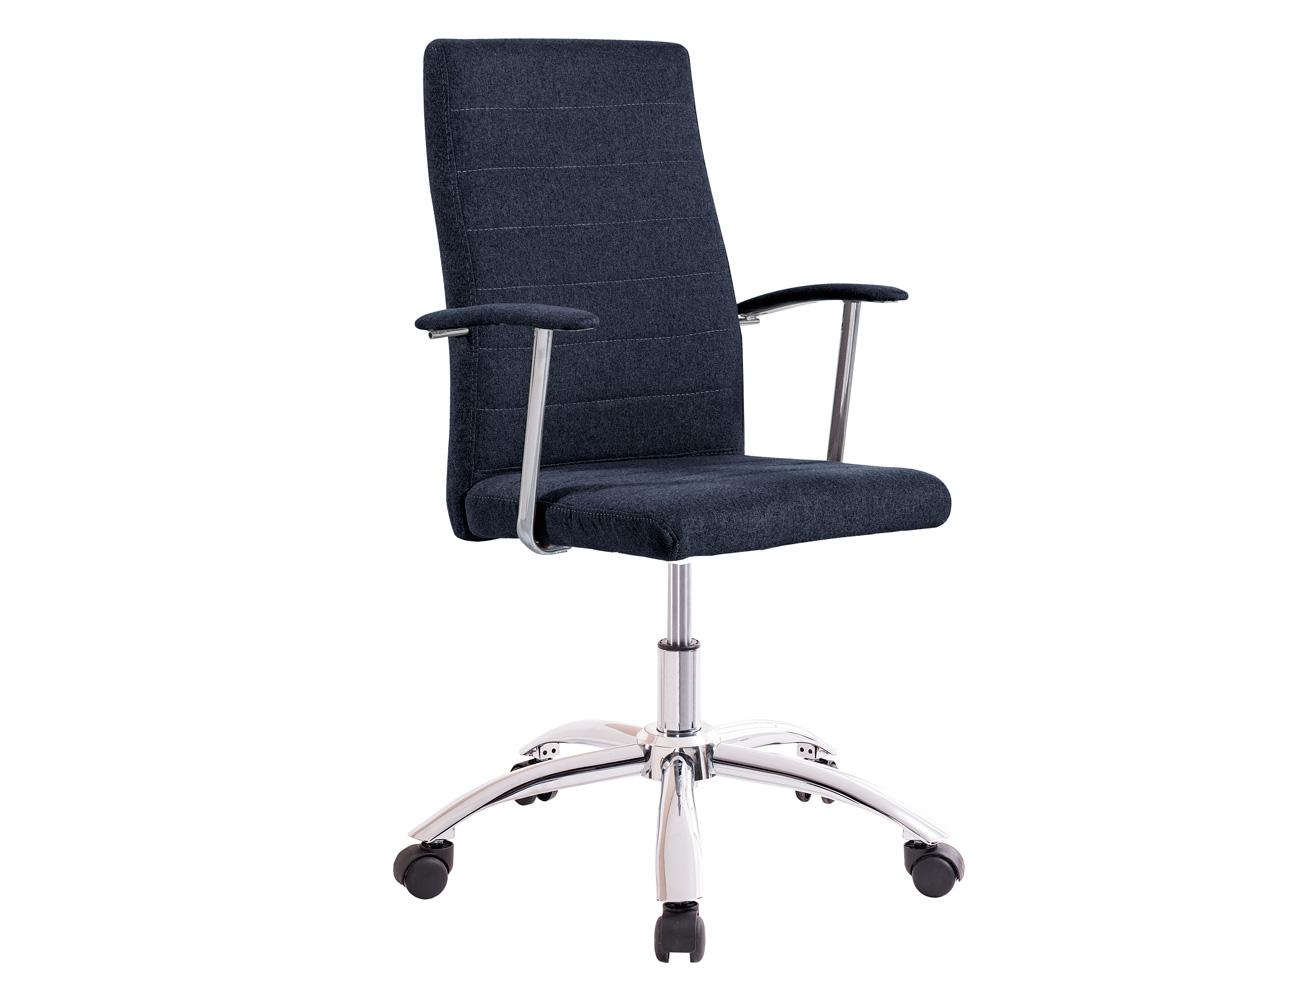 Silla oficina despecho elevable altura apoya brazos gris marengo ruedas